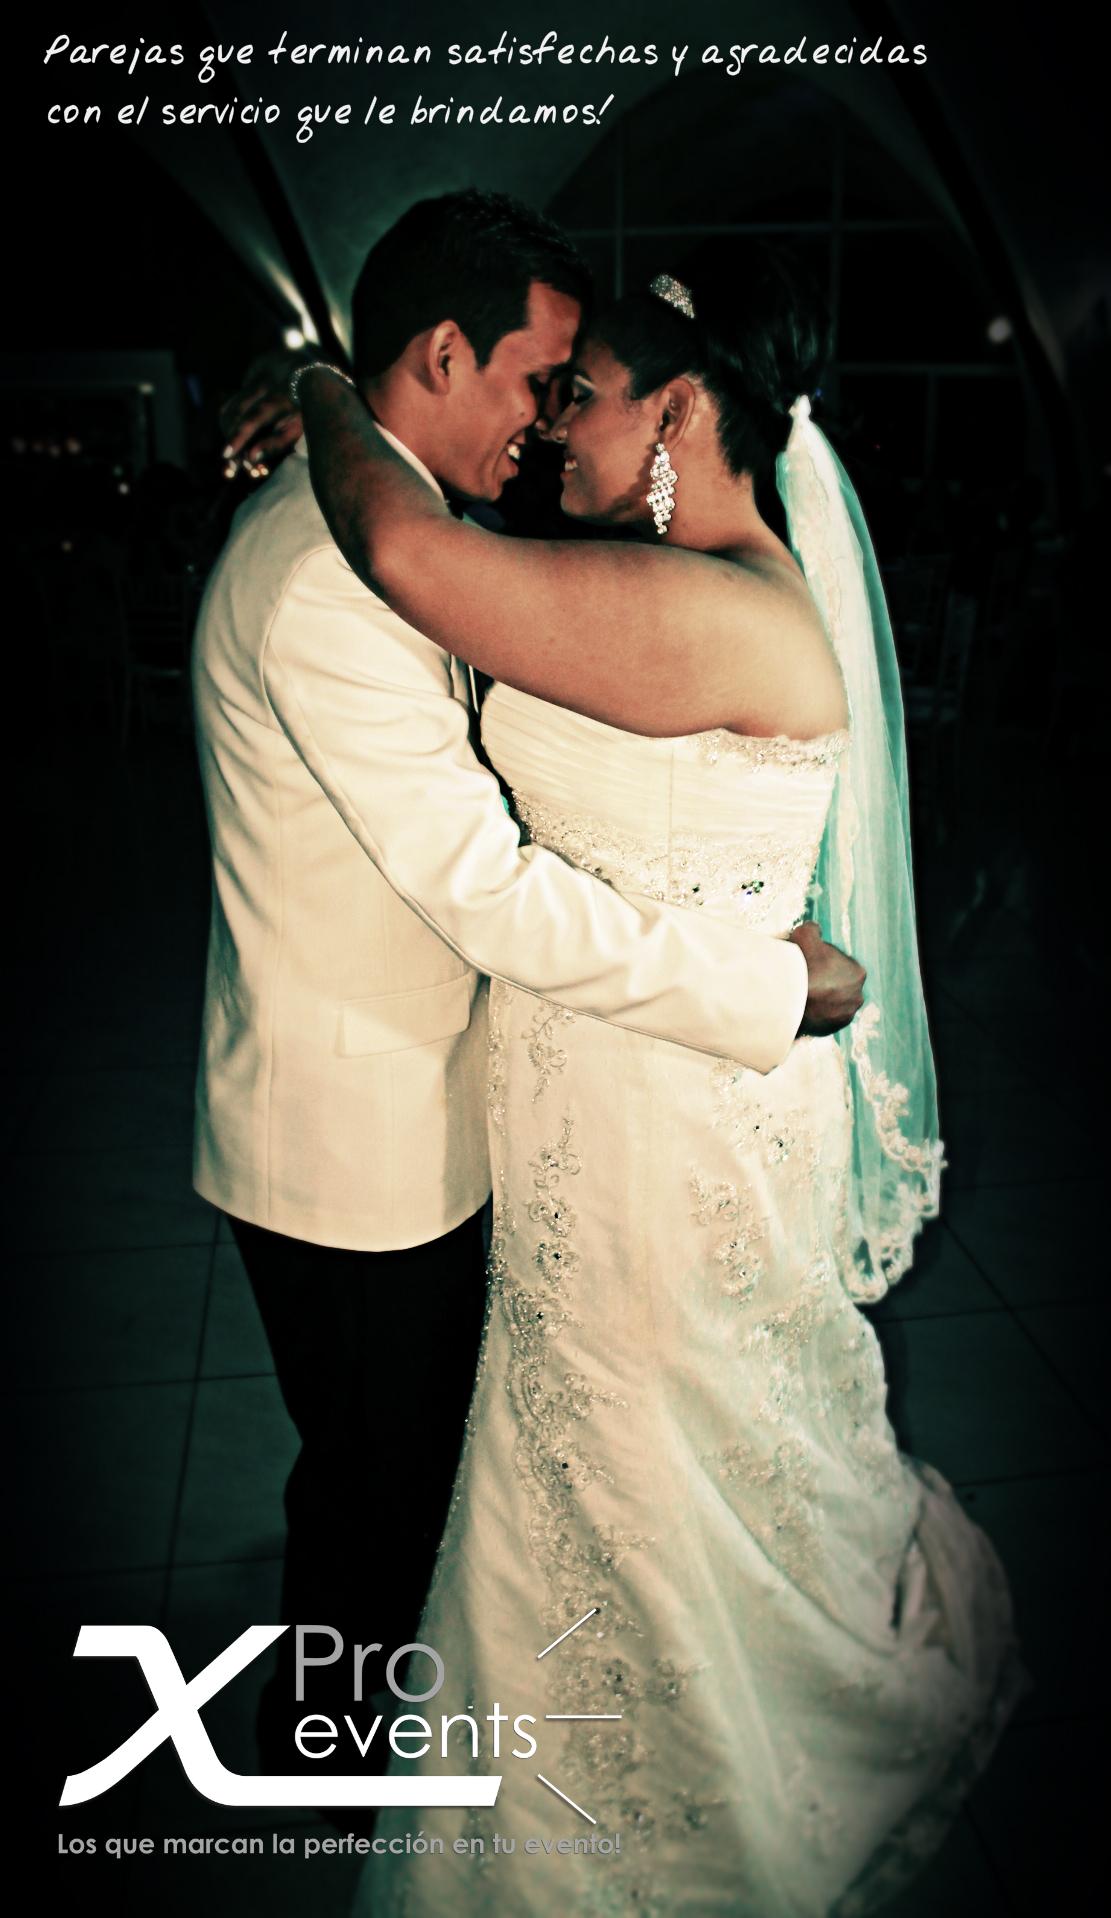 www.Xproevents.com - Mas y mas parejas testigos de nuestro excelente servicio.JP